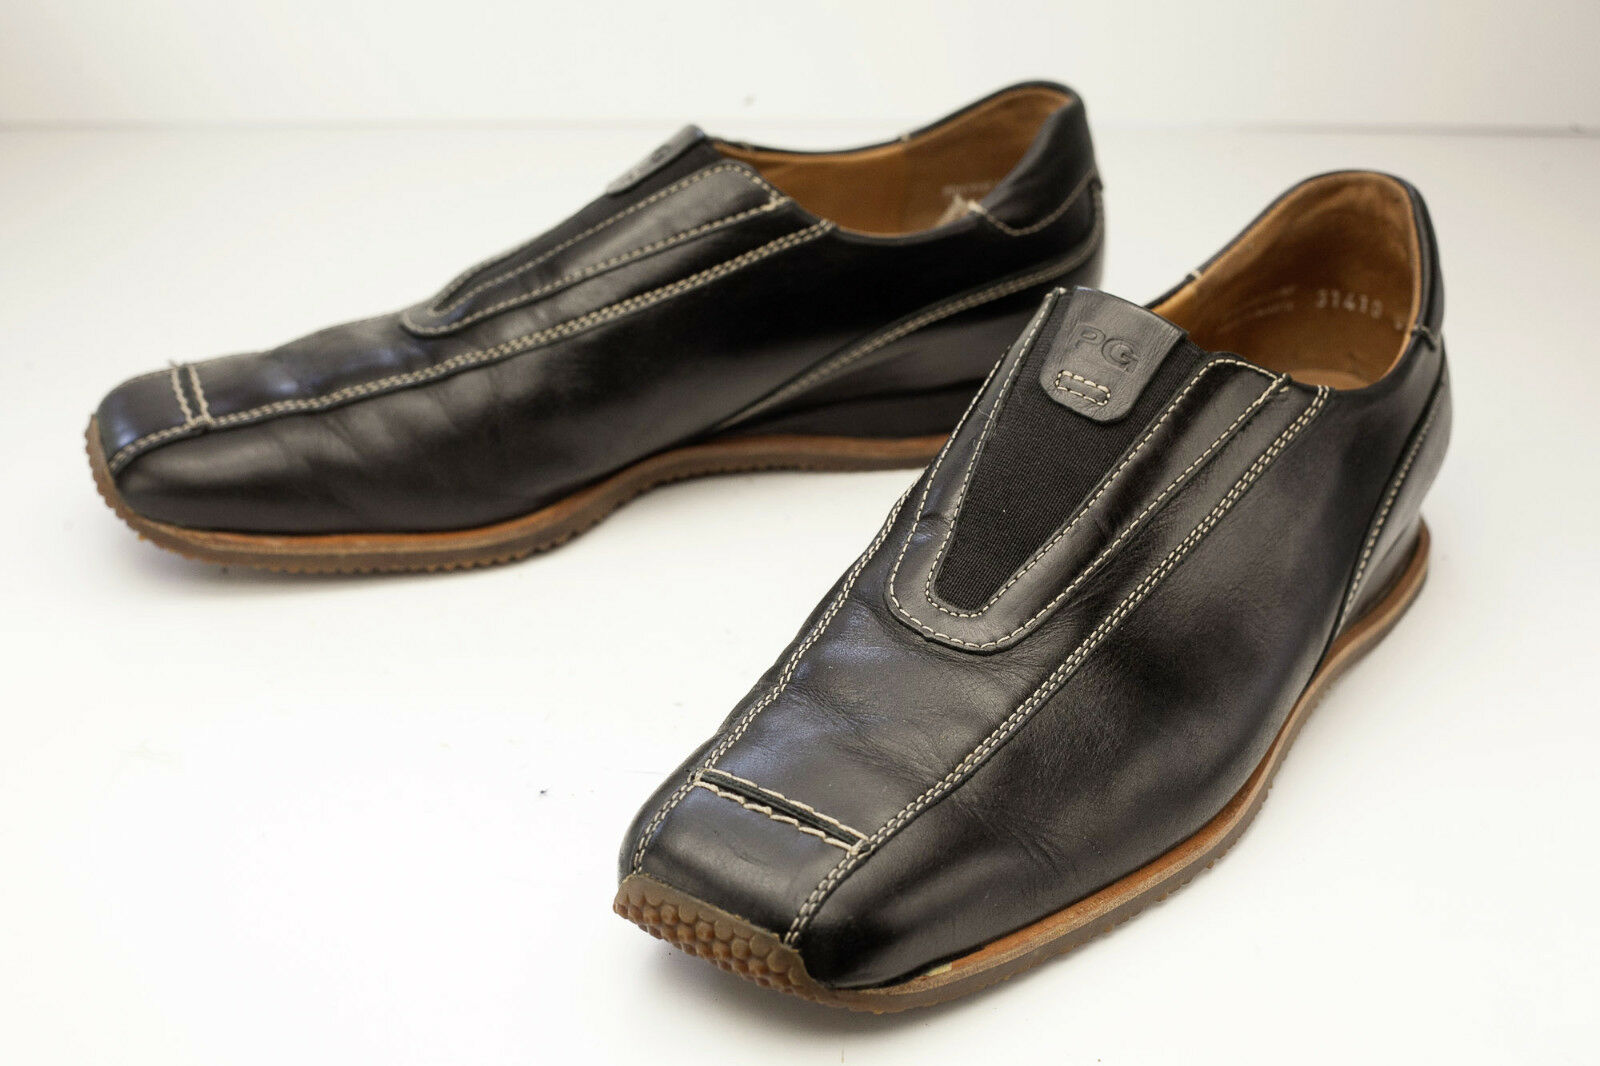 Paul Green 8 Black Slip On Women's shoes UK 5.5